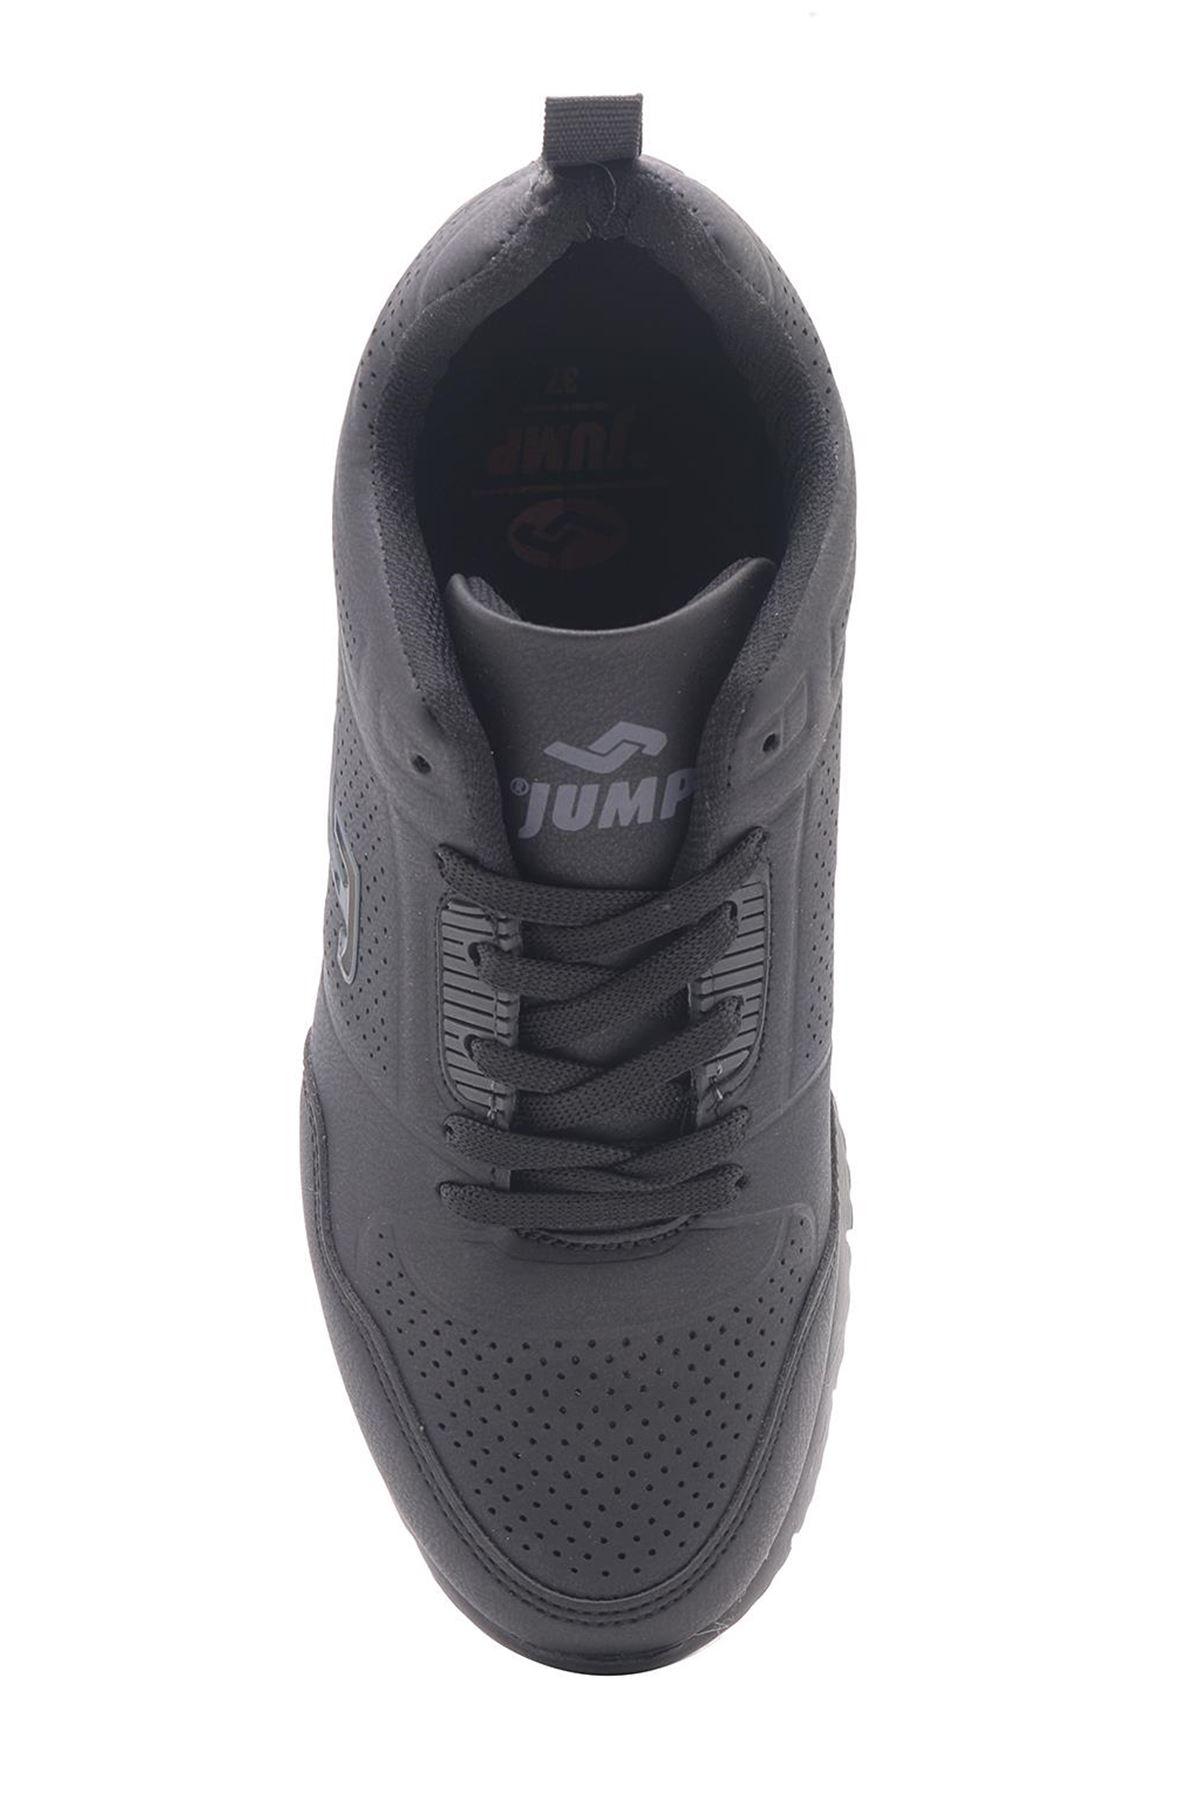 Jump 13155 Beyaz Kadın Spor Ayakkabı